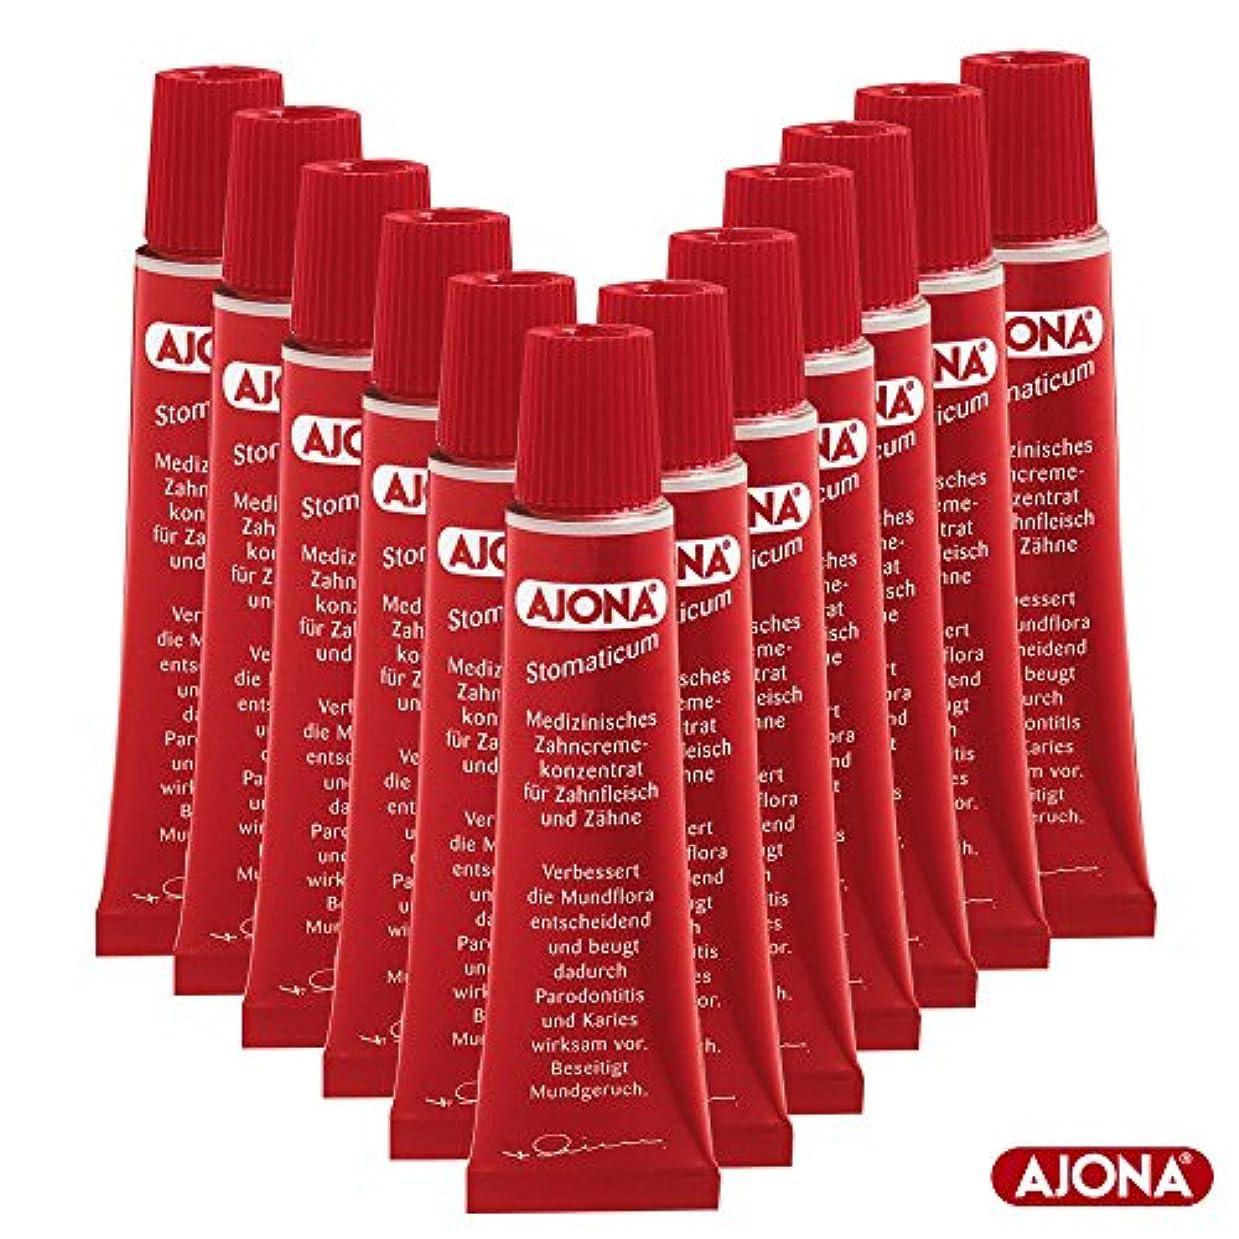 後ろに権利を与えるアクセスできないAjona 濃縮歯磨き粉 Stomaticum Toothpaste 25ml(12x 25ml)-12Pack [並行輸入品]